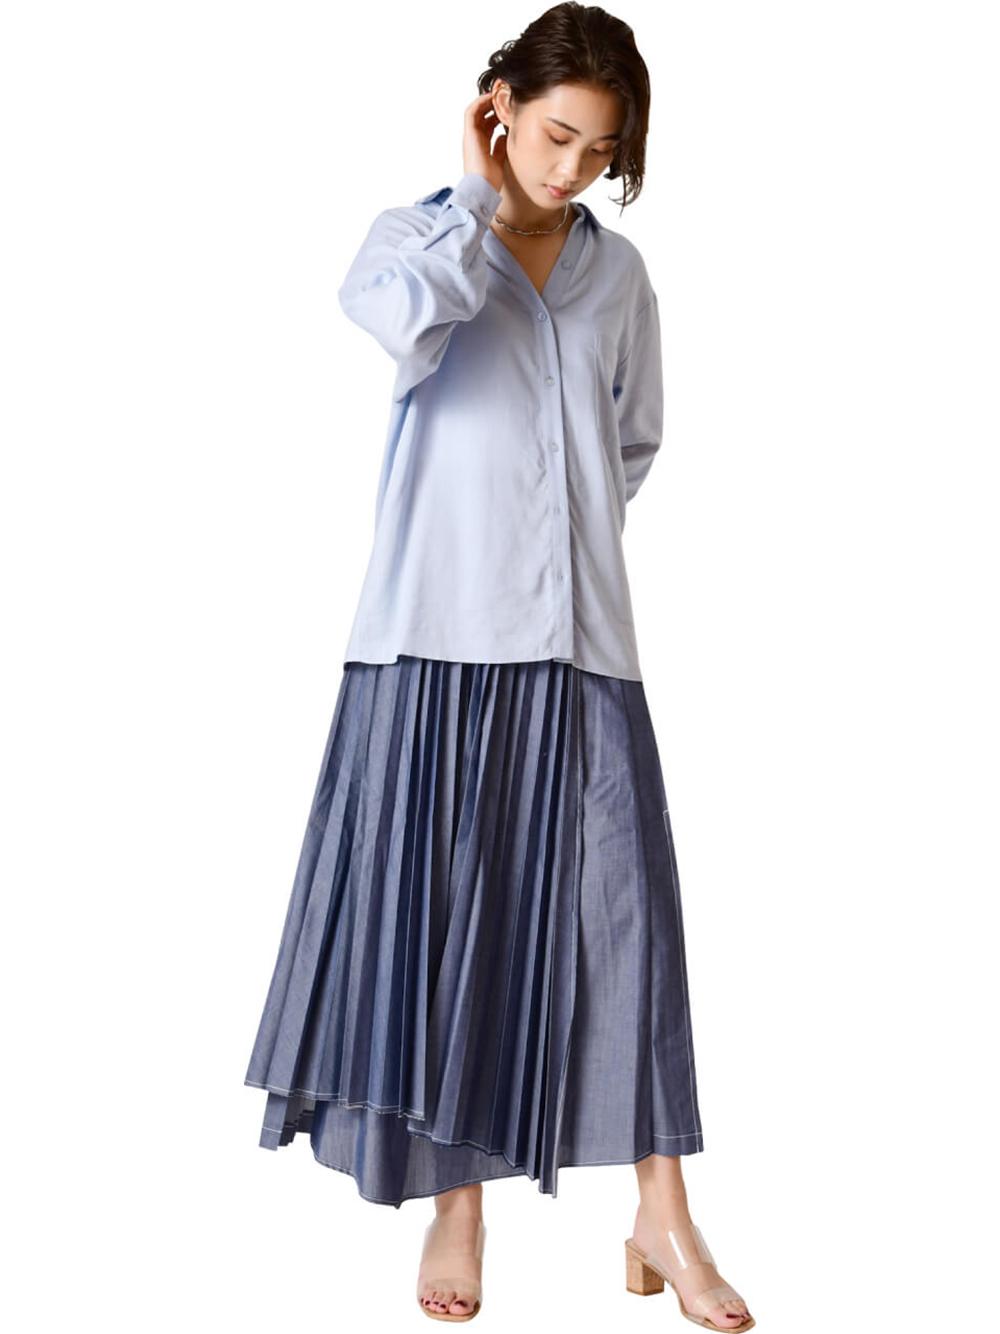 プリーツレイヤードスカート(BLU-0)